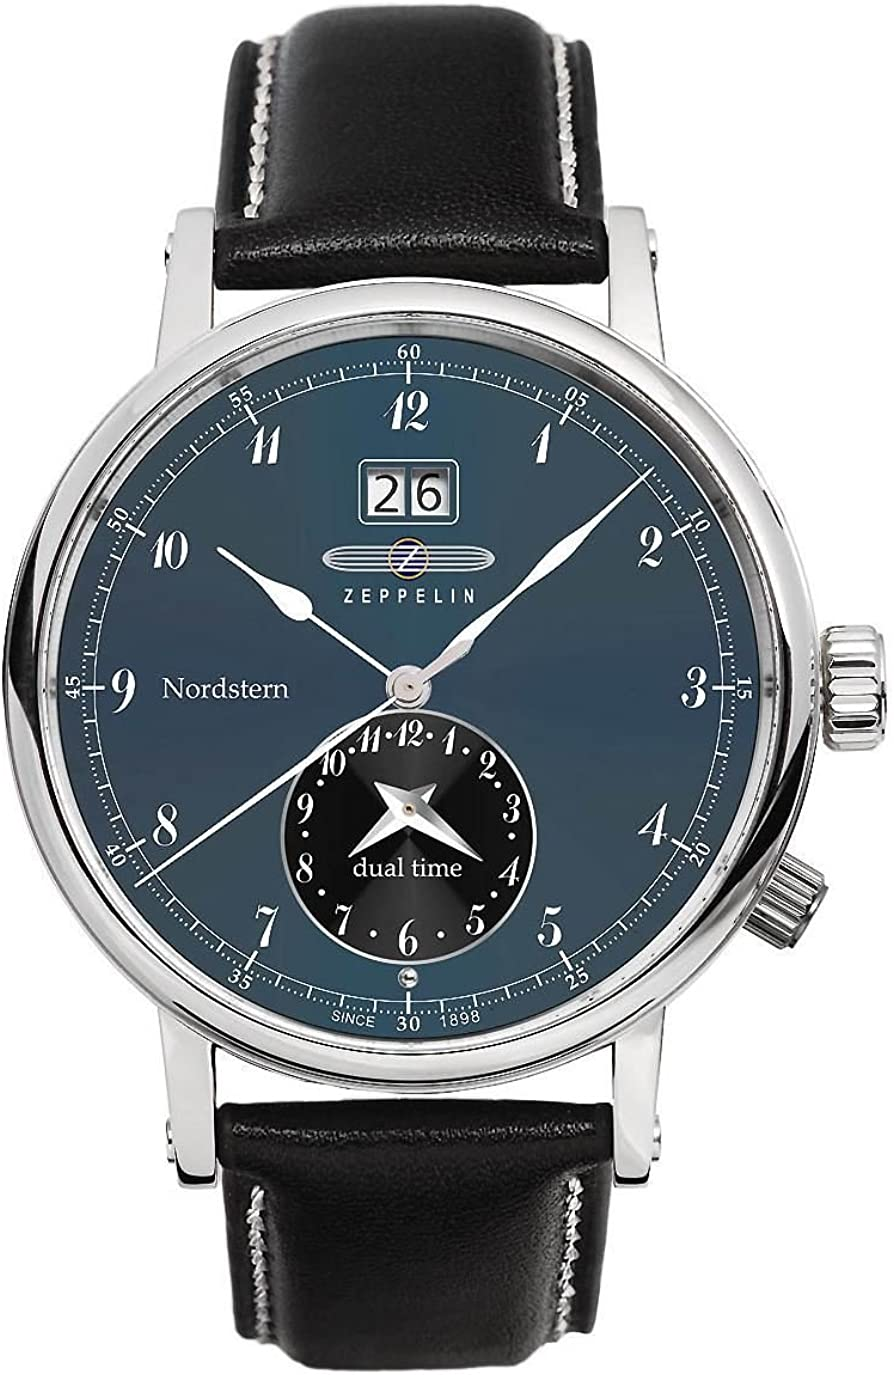 Zeppelin Watches 7540-3 - Reloj analógico de Cuarzo para Hombre con Correa de Piel, Color Negro